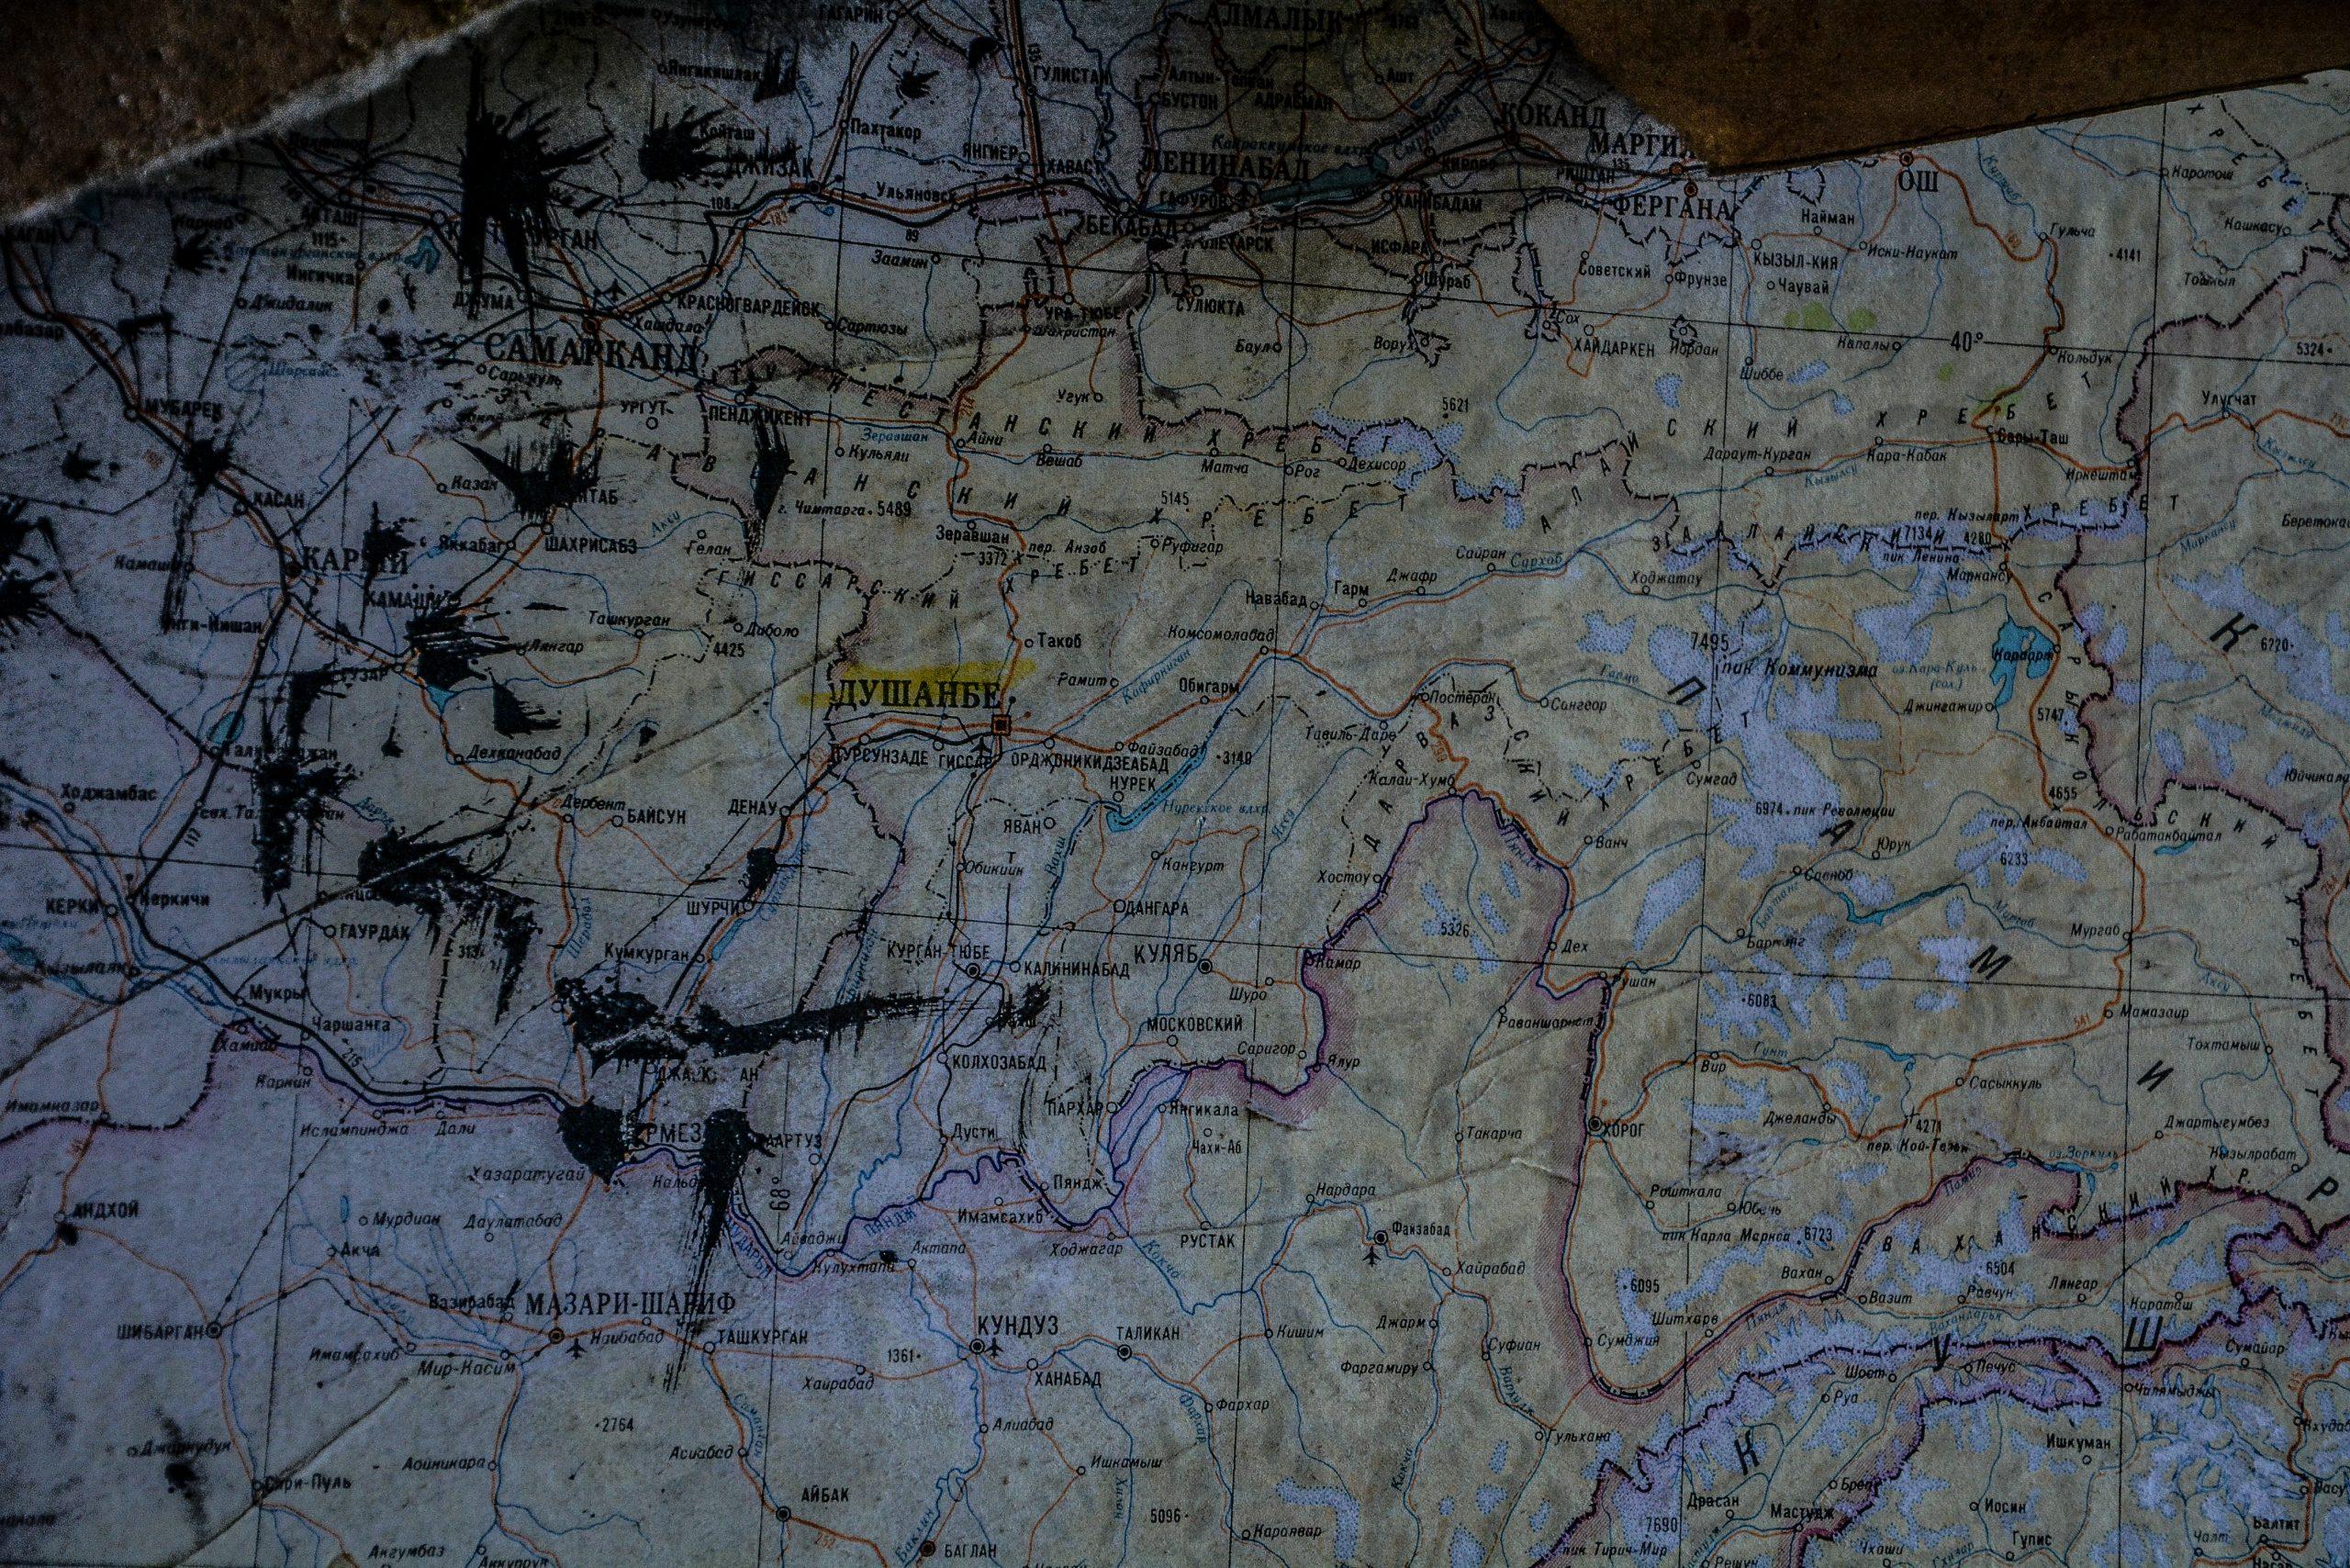 map dushanbe tajikistan forst zinna adolf hitler lager luckenwalde juterbog sowjet kaserne soviet military barracks germany lost places urbex abandoned